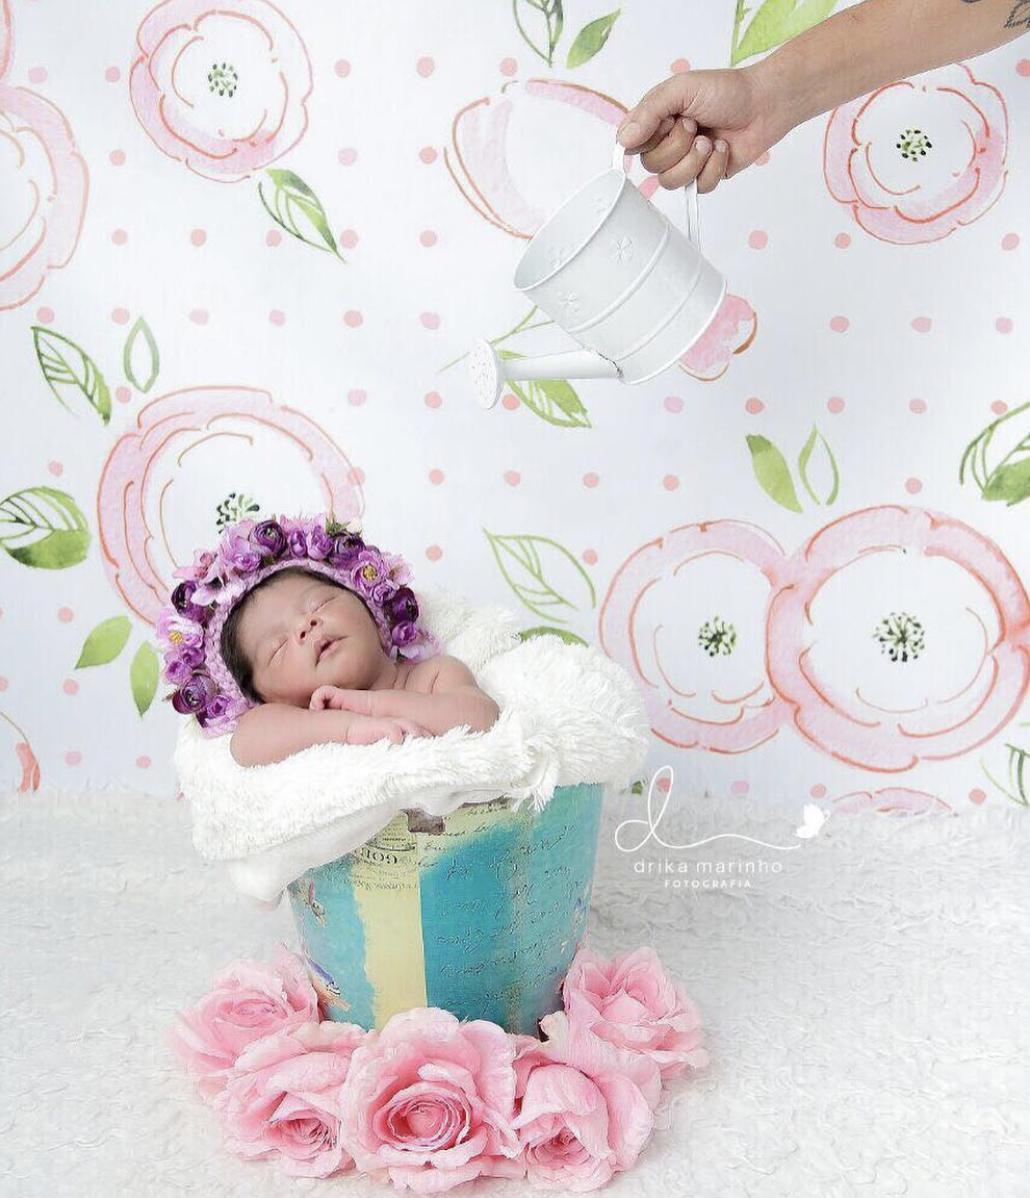 Fofura sem tamanho: com poucos dias de vida, filha de atriz Juliana Alves faz book newborn